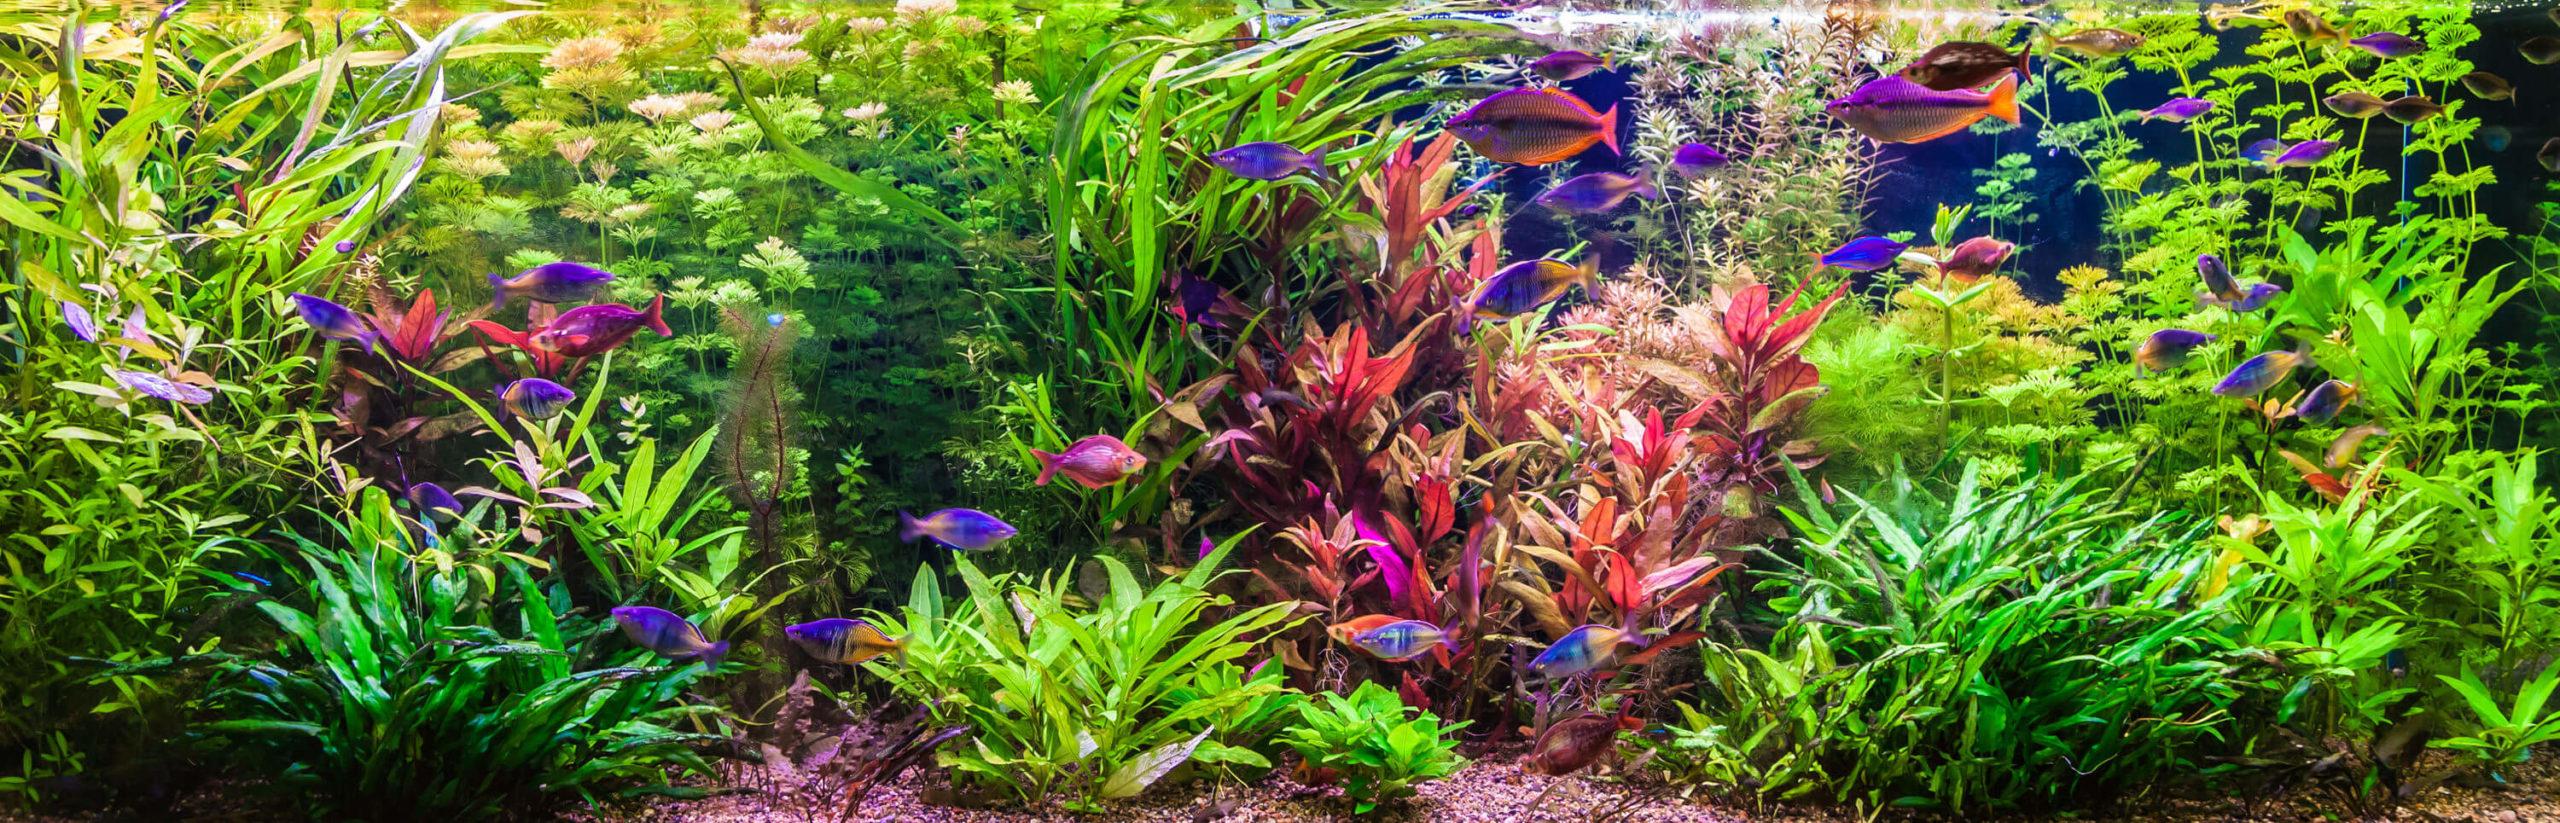 Aquarium Zubehör